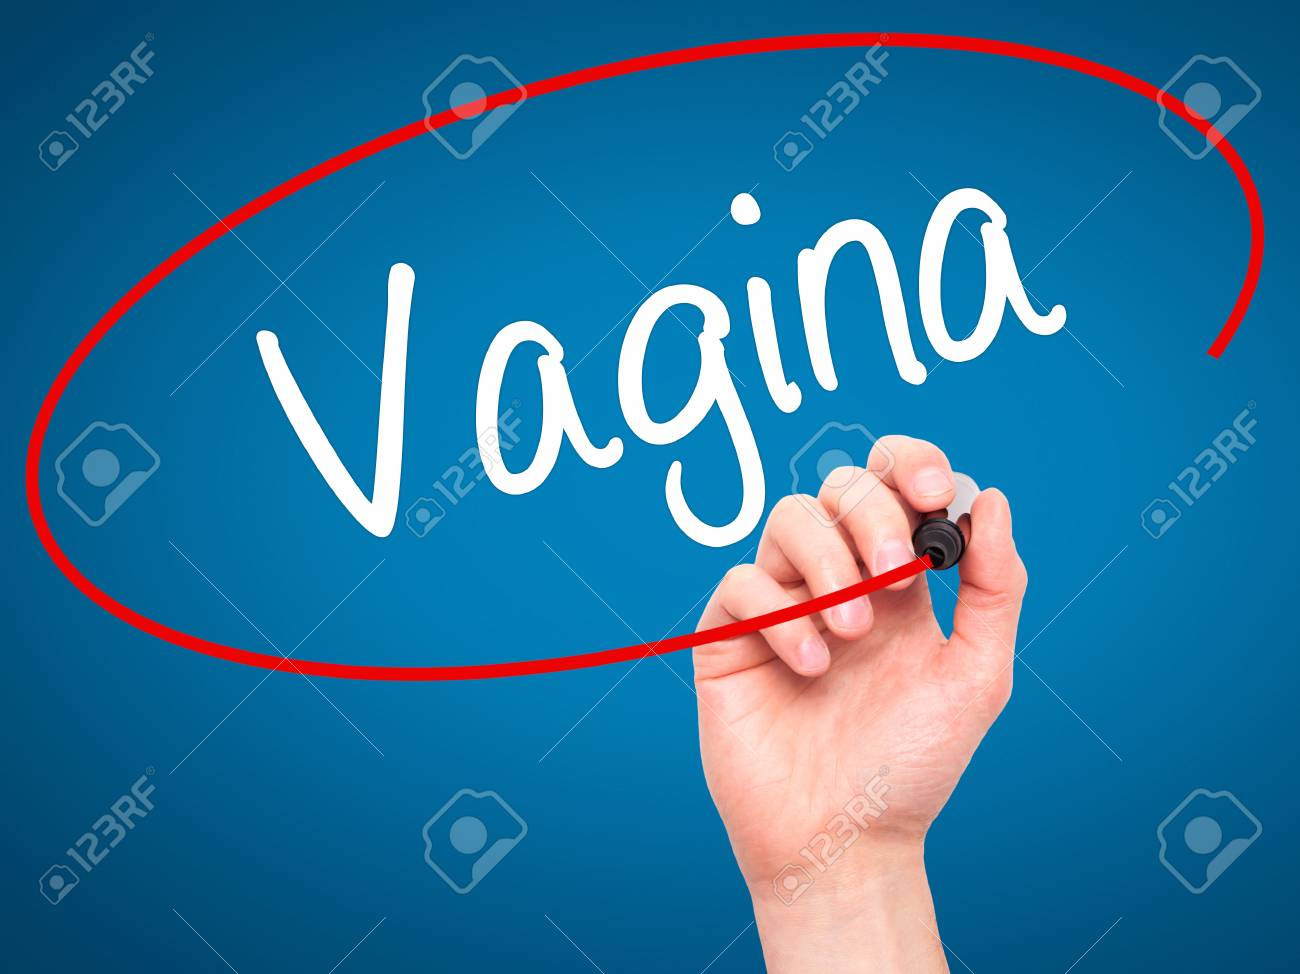 zwarte vrouw vagina beelden